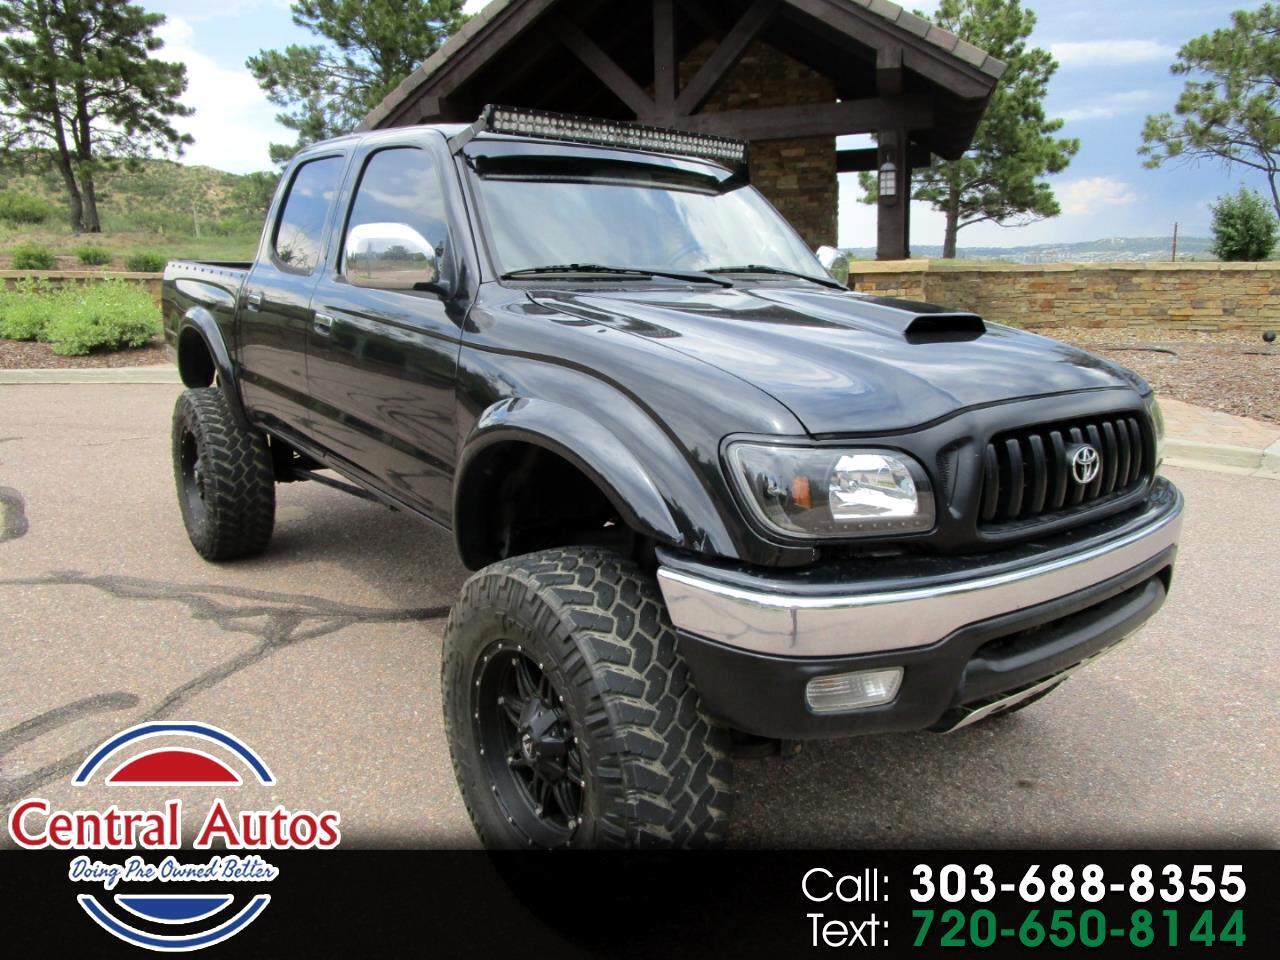 2003 Toyota Tacoma DoubleCab V6 Auto 4WD (Natl)